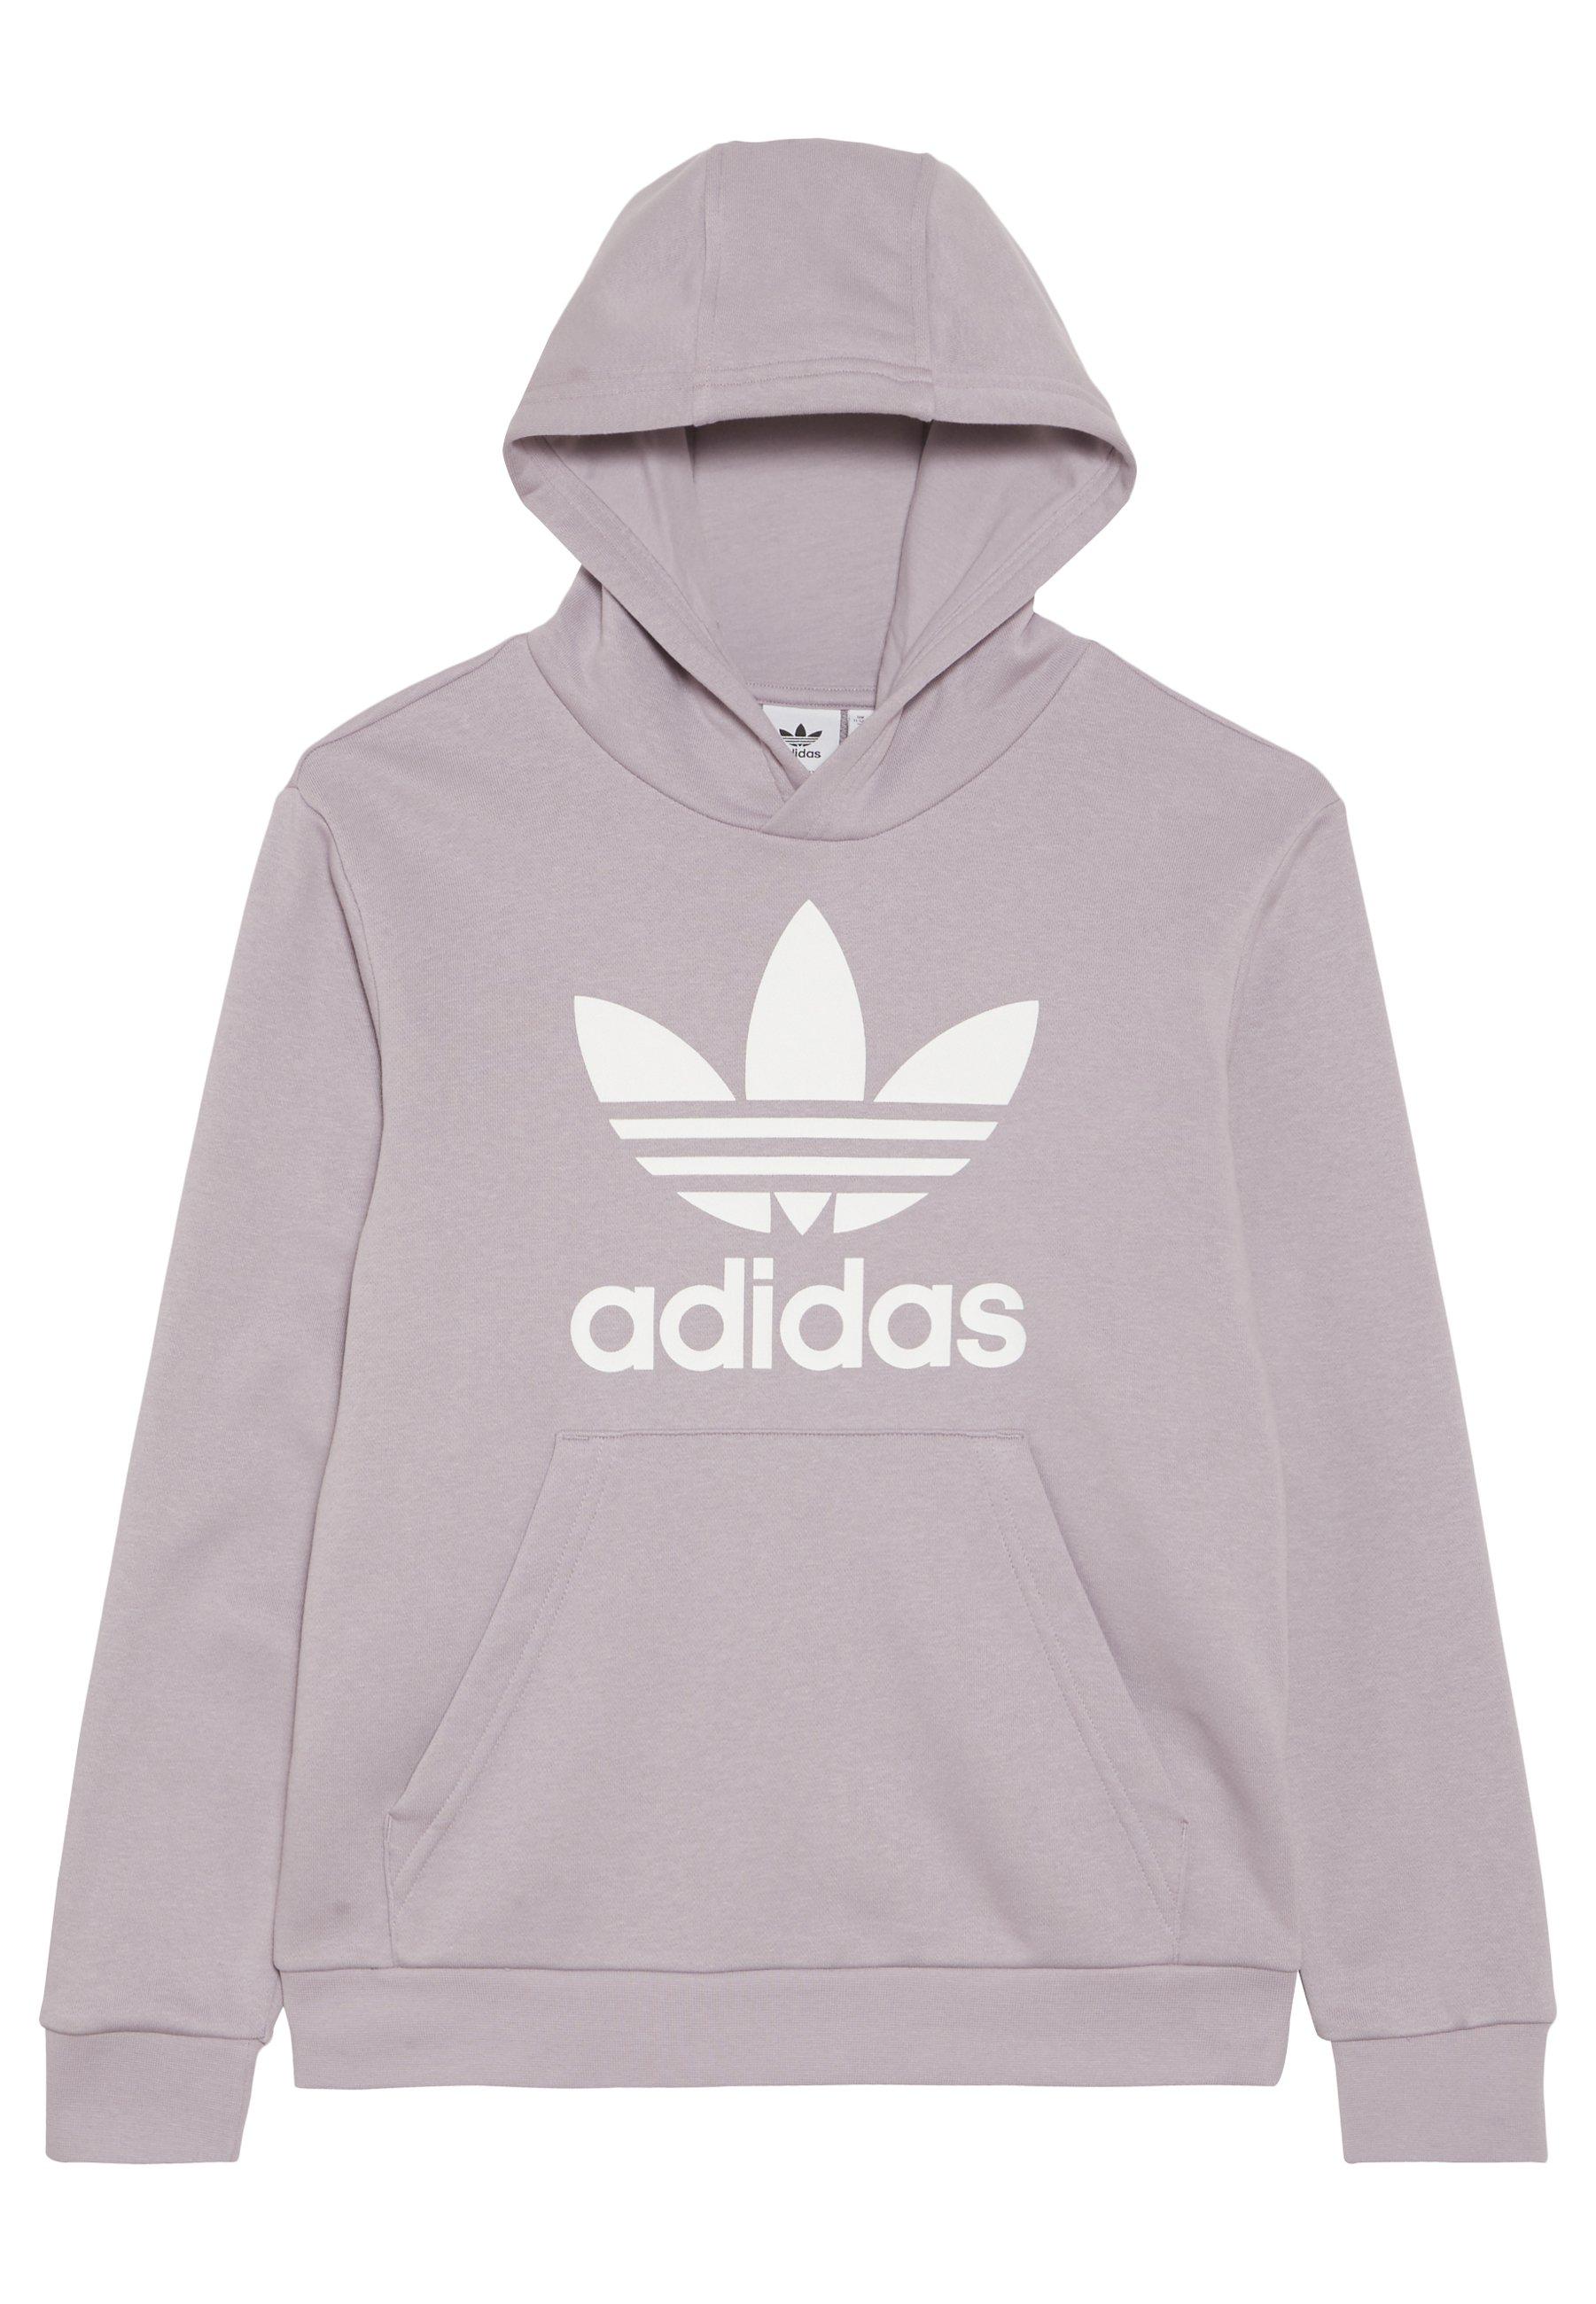 Vintage Nike Sweatshirt pullover adidas in für € 35,00 zum